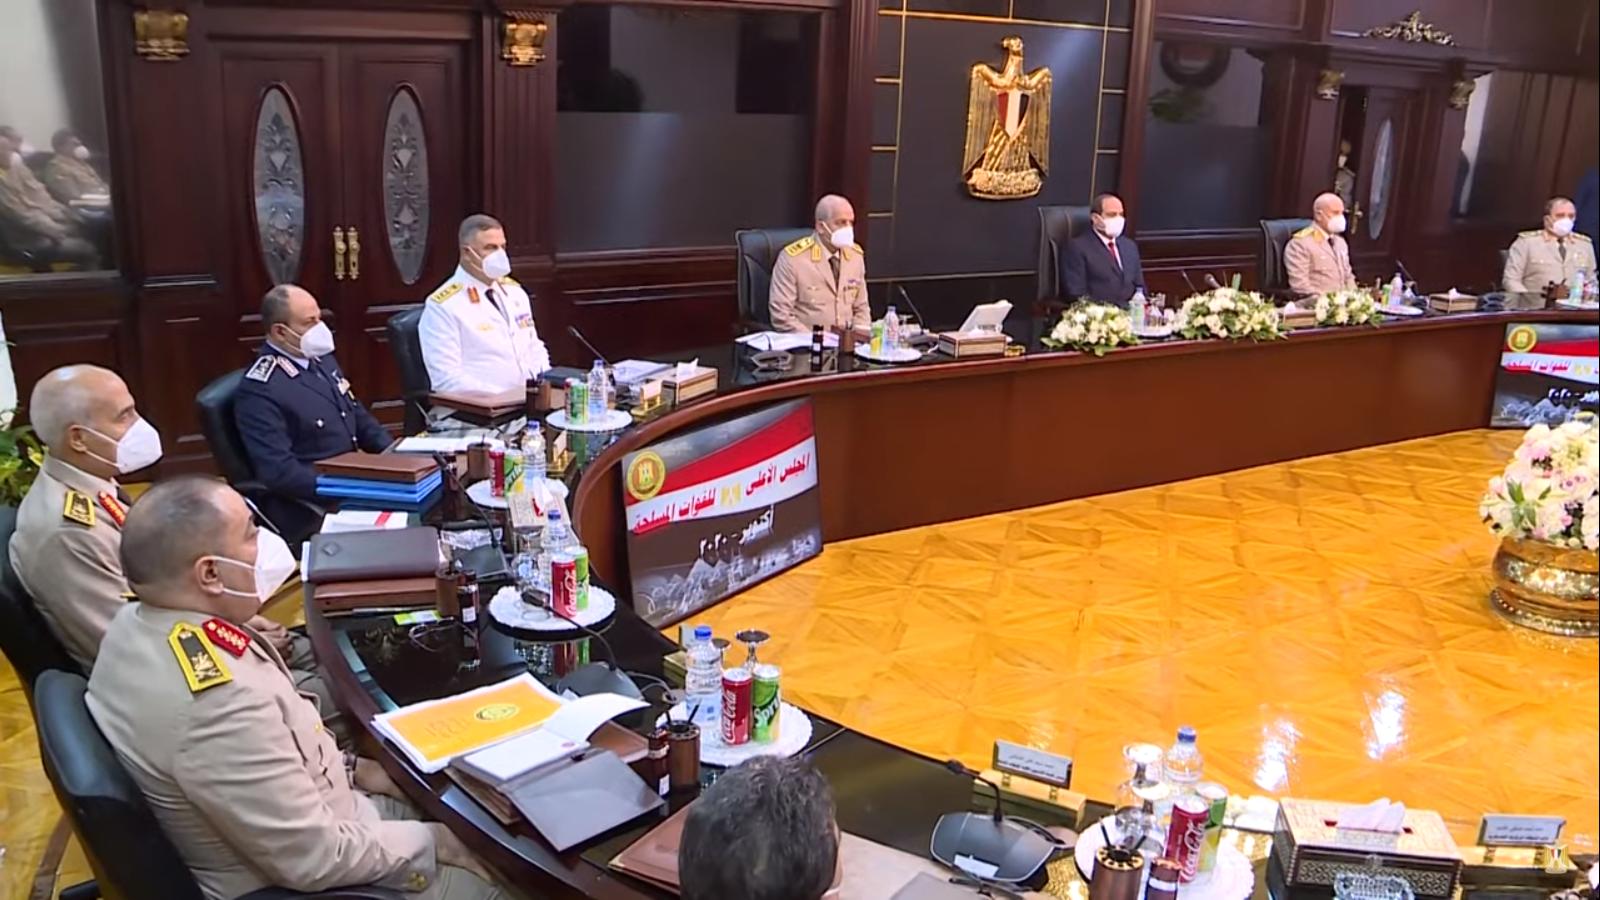 السيسى يترأس اجتماع المجلس الأعلى للقوات المسلحة لمناقشة مكافحة الإرهاب (1)